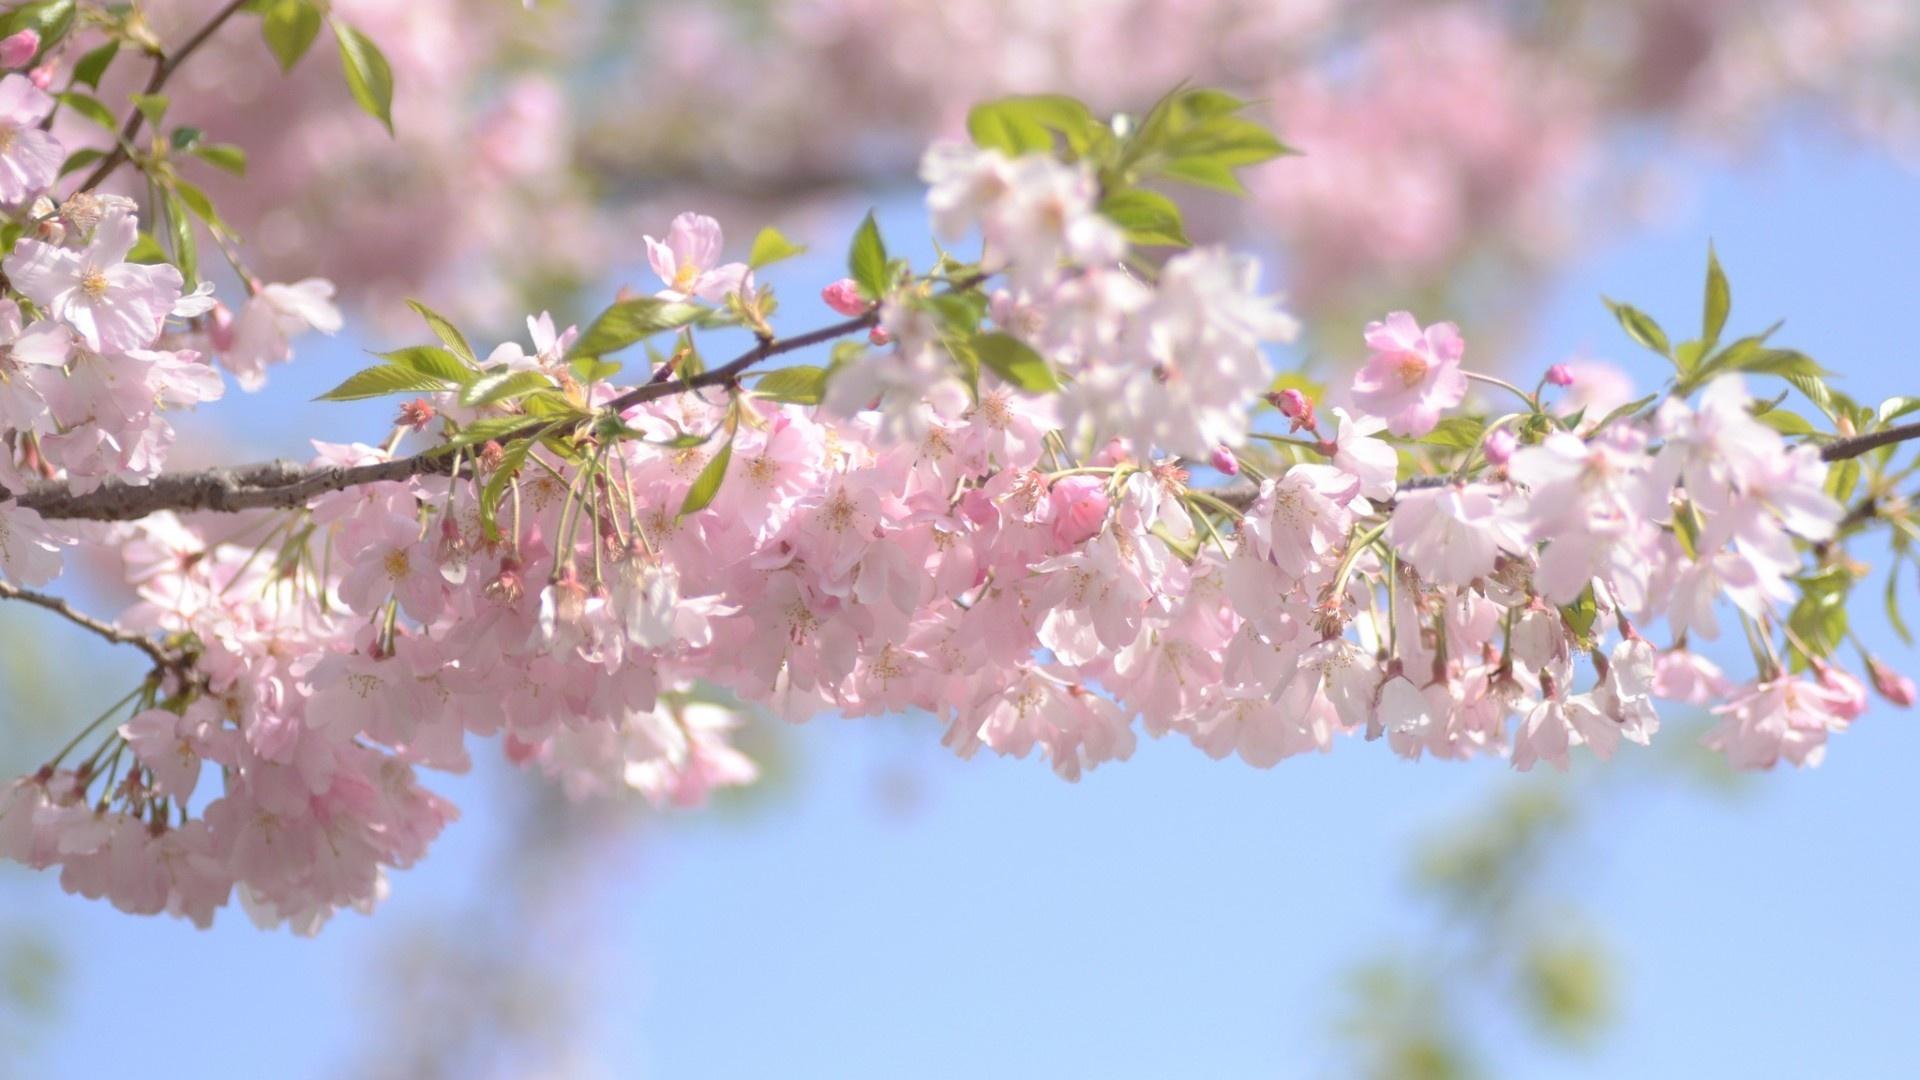 Sakura Blossom Wallpaper theme